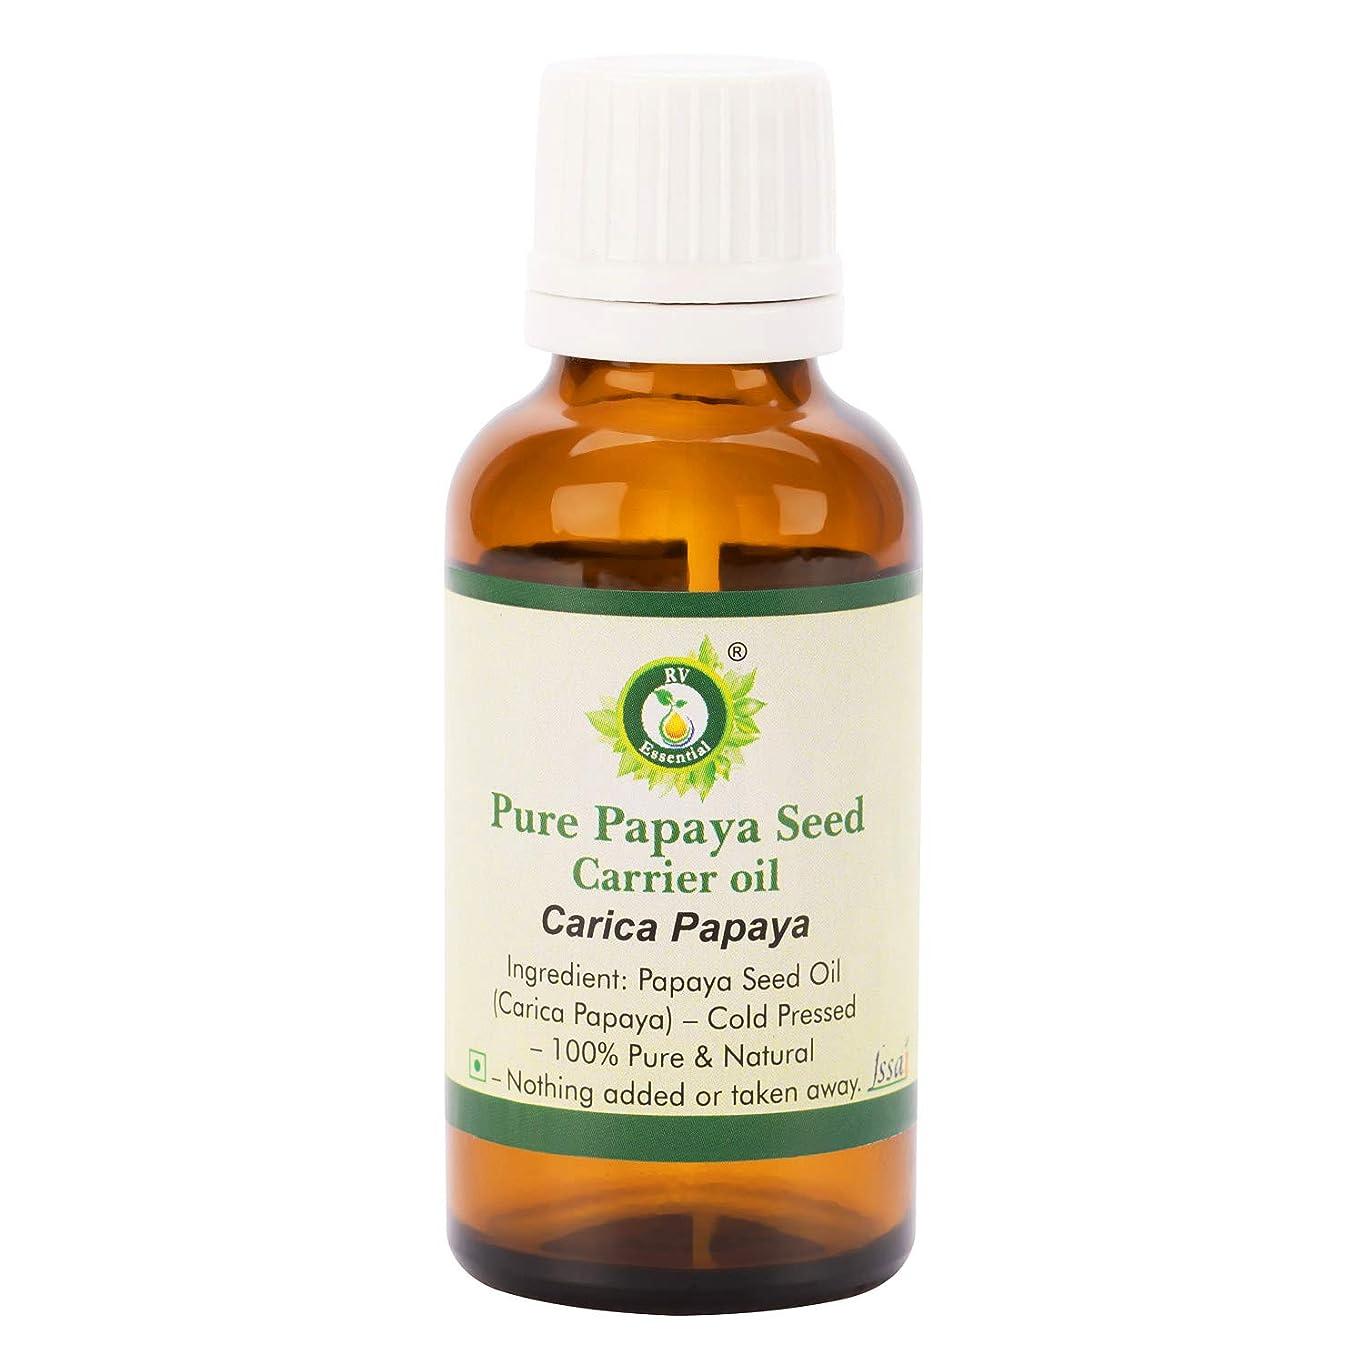 振り子クローン子犬純粋なパパイヤ種子キャリアオイル30ml (1.01oz)- Carica Papaya (100%ピュア&ナチュラルコールドPressed) Pure Papaya Seed Carrier Oil